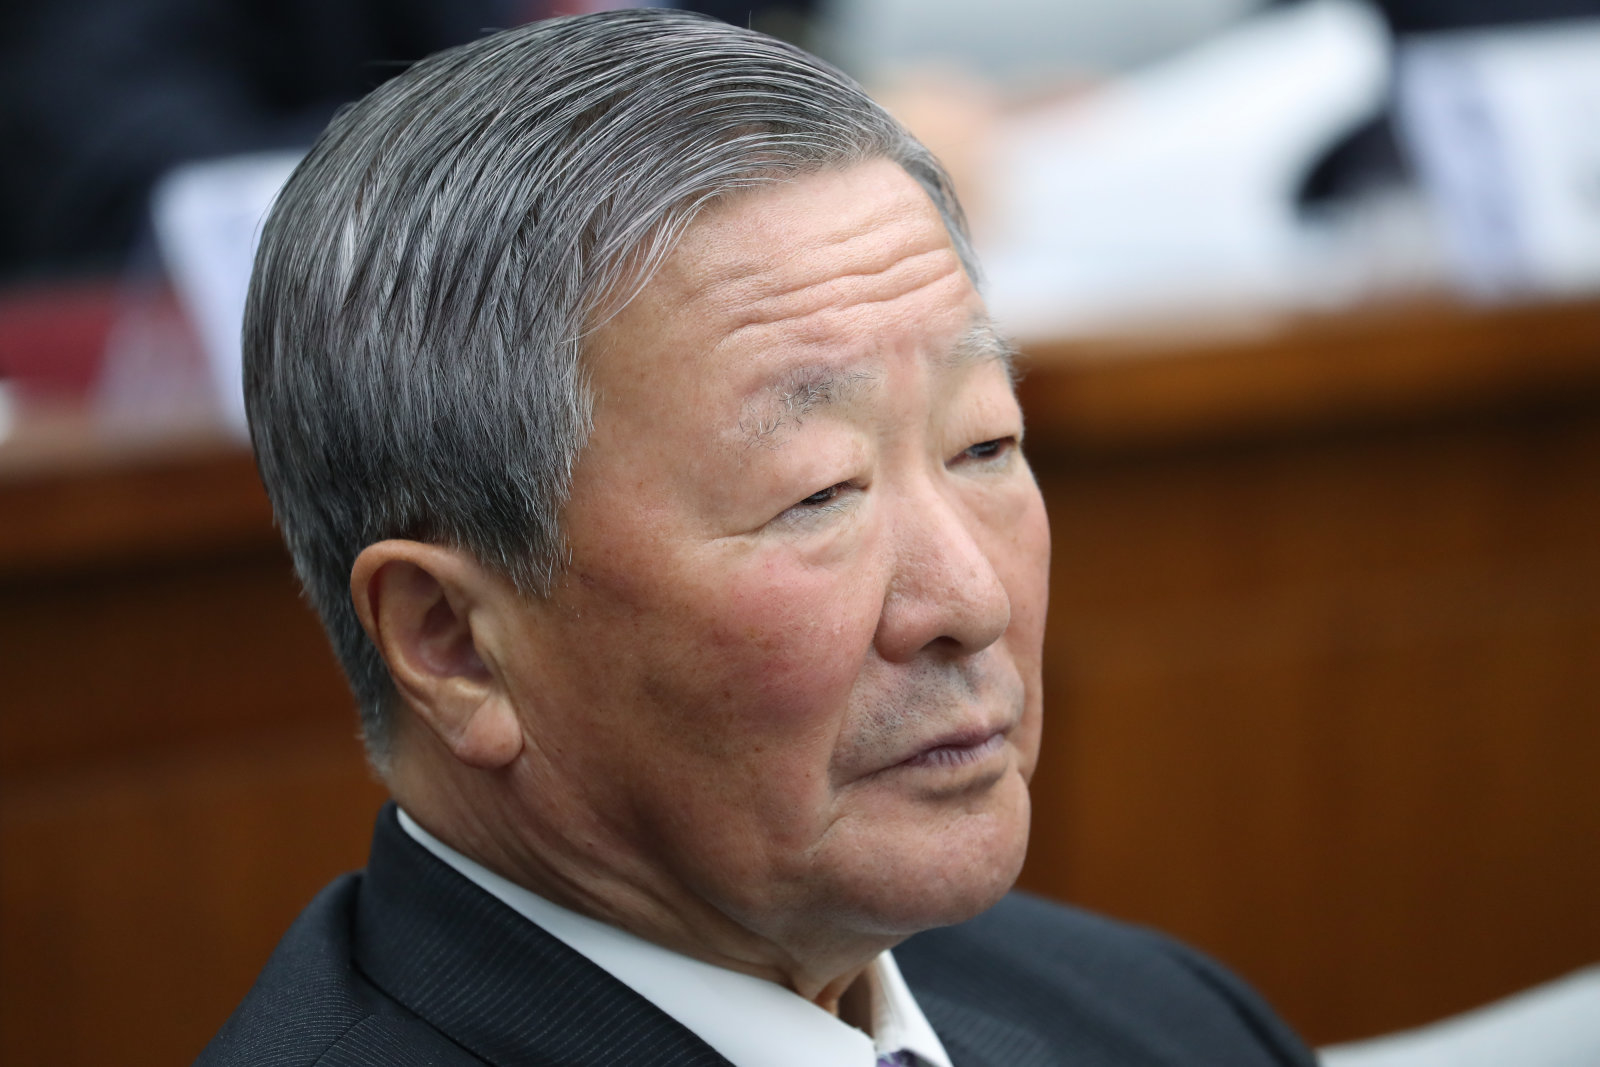 打造出今日 LG 集团的会长具本茂去世,享年 73 岁